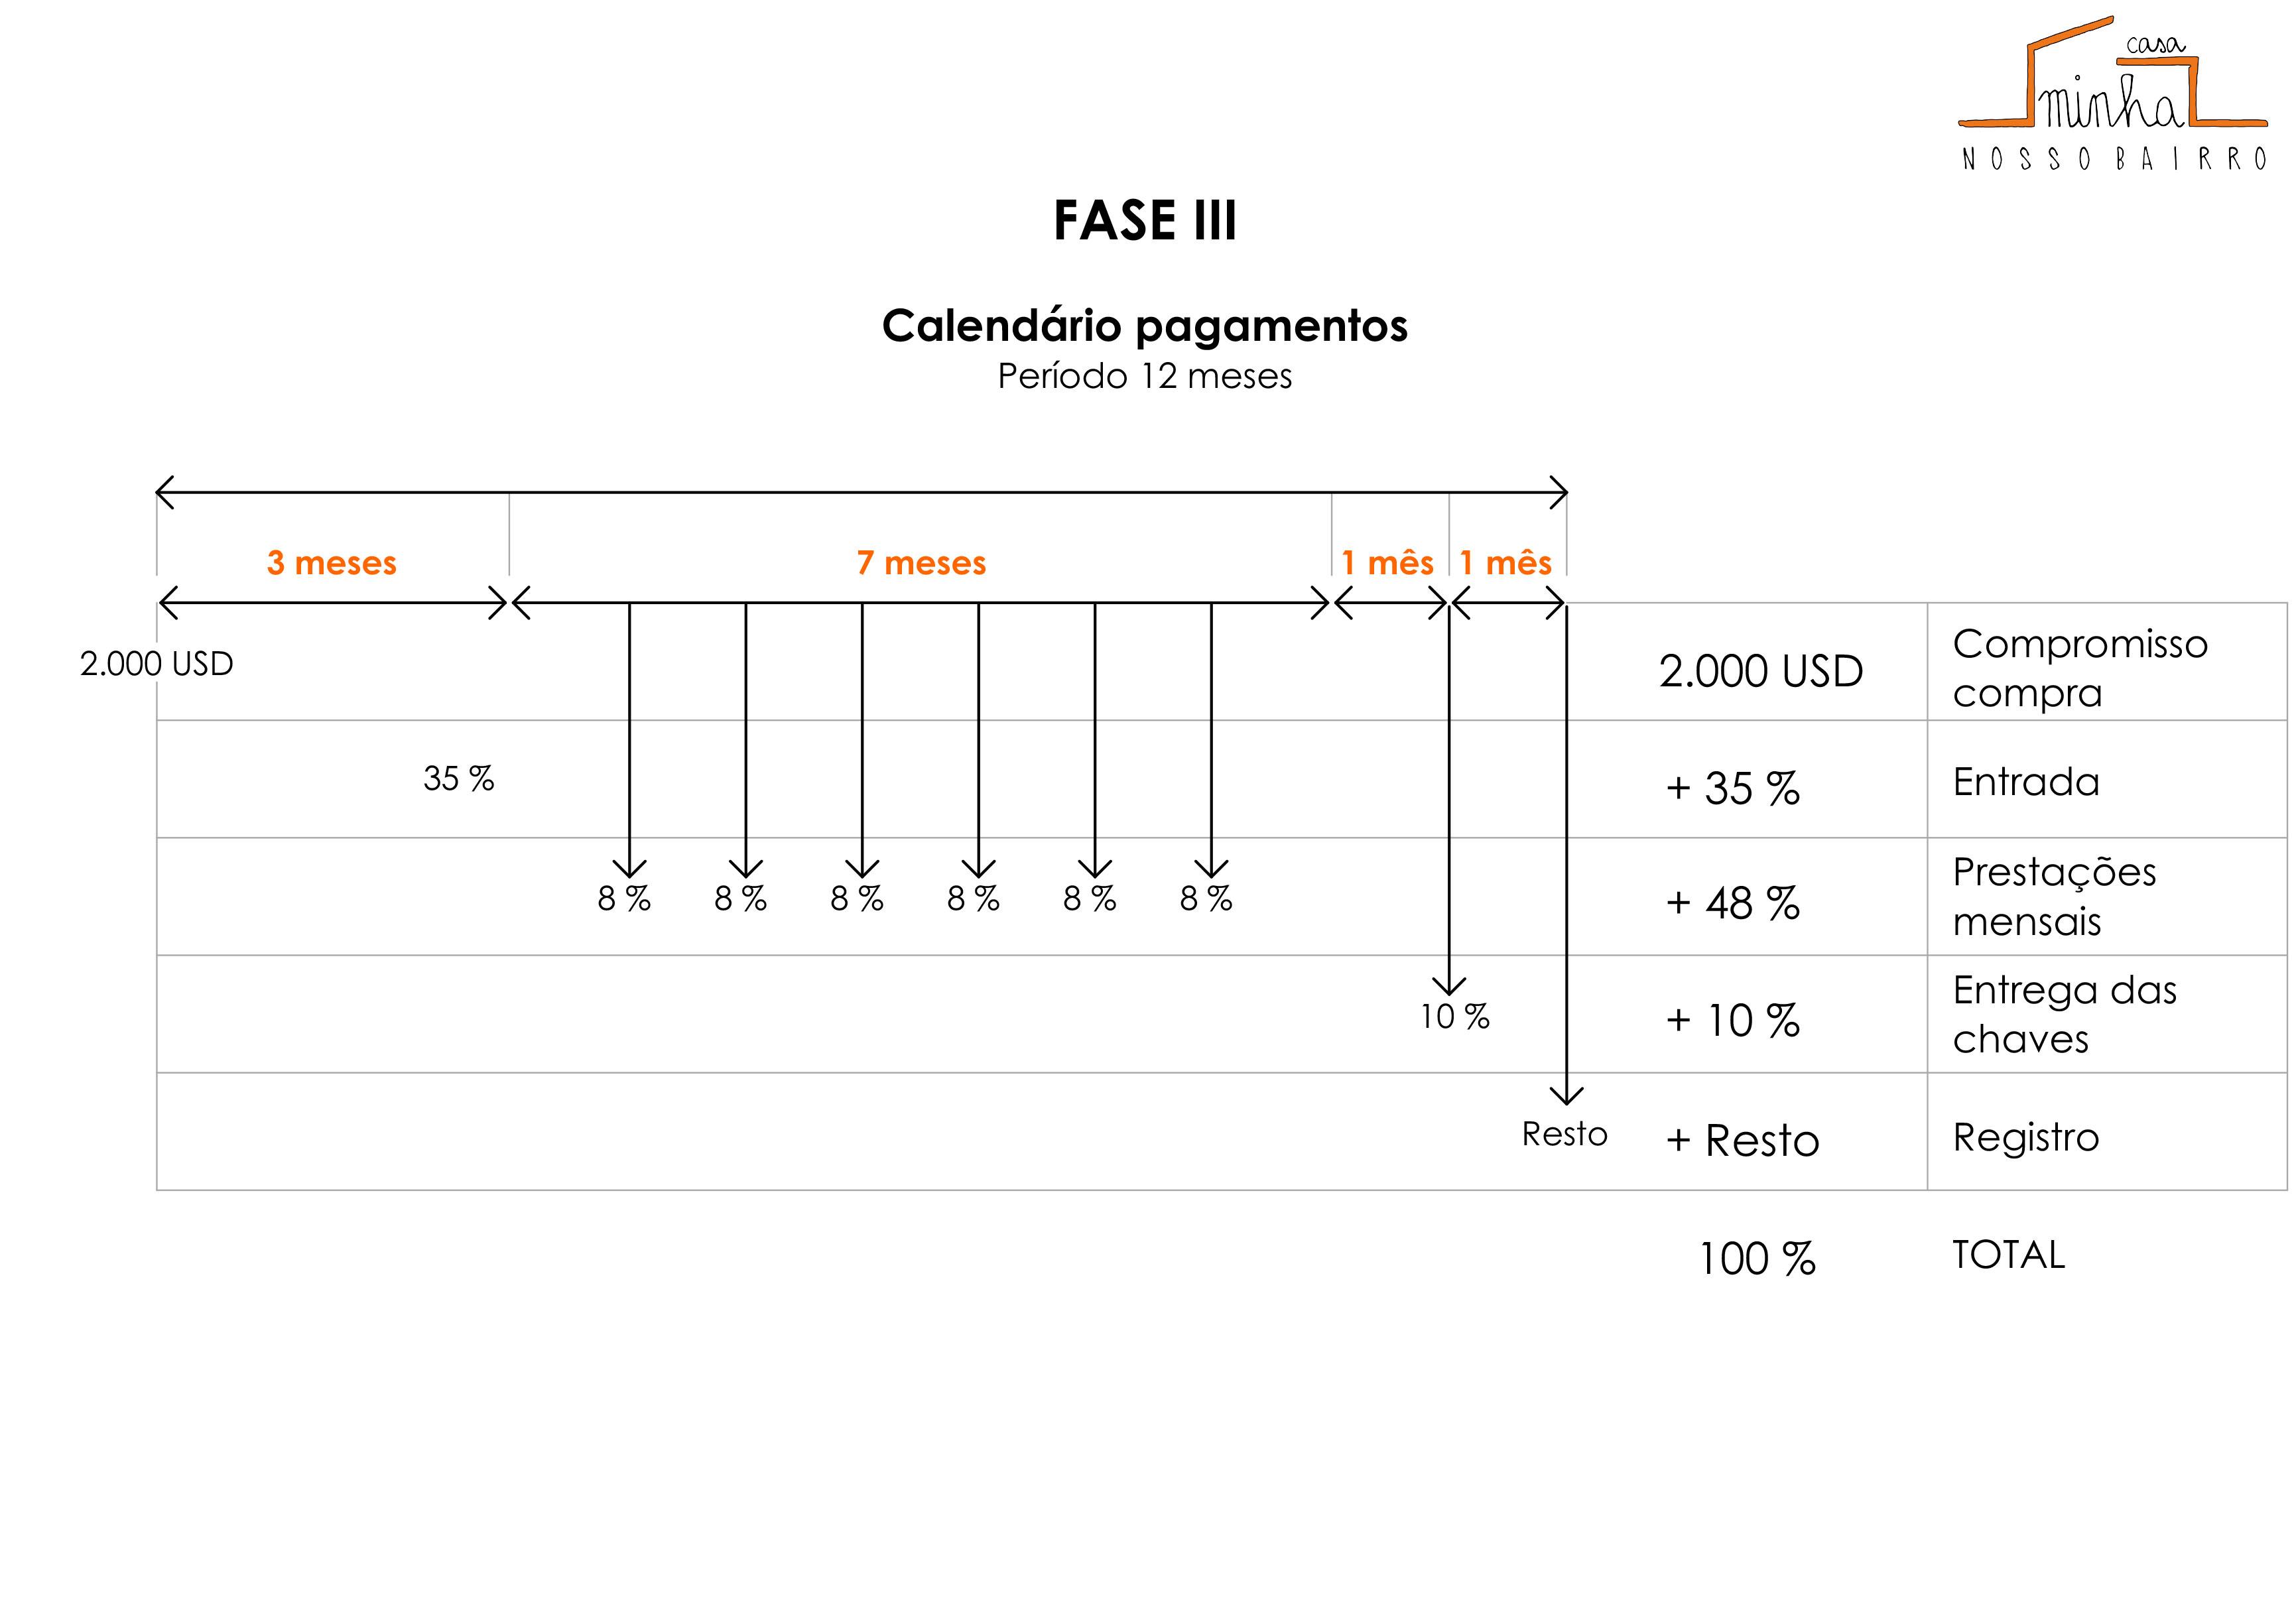 CALENDÁRIO_PAGAMENTOS_FASE_III